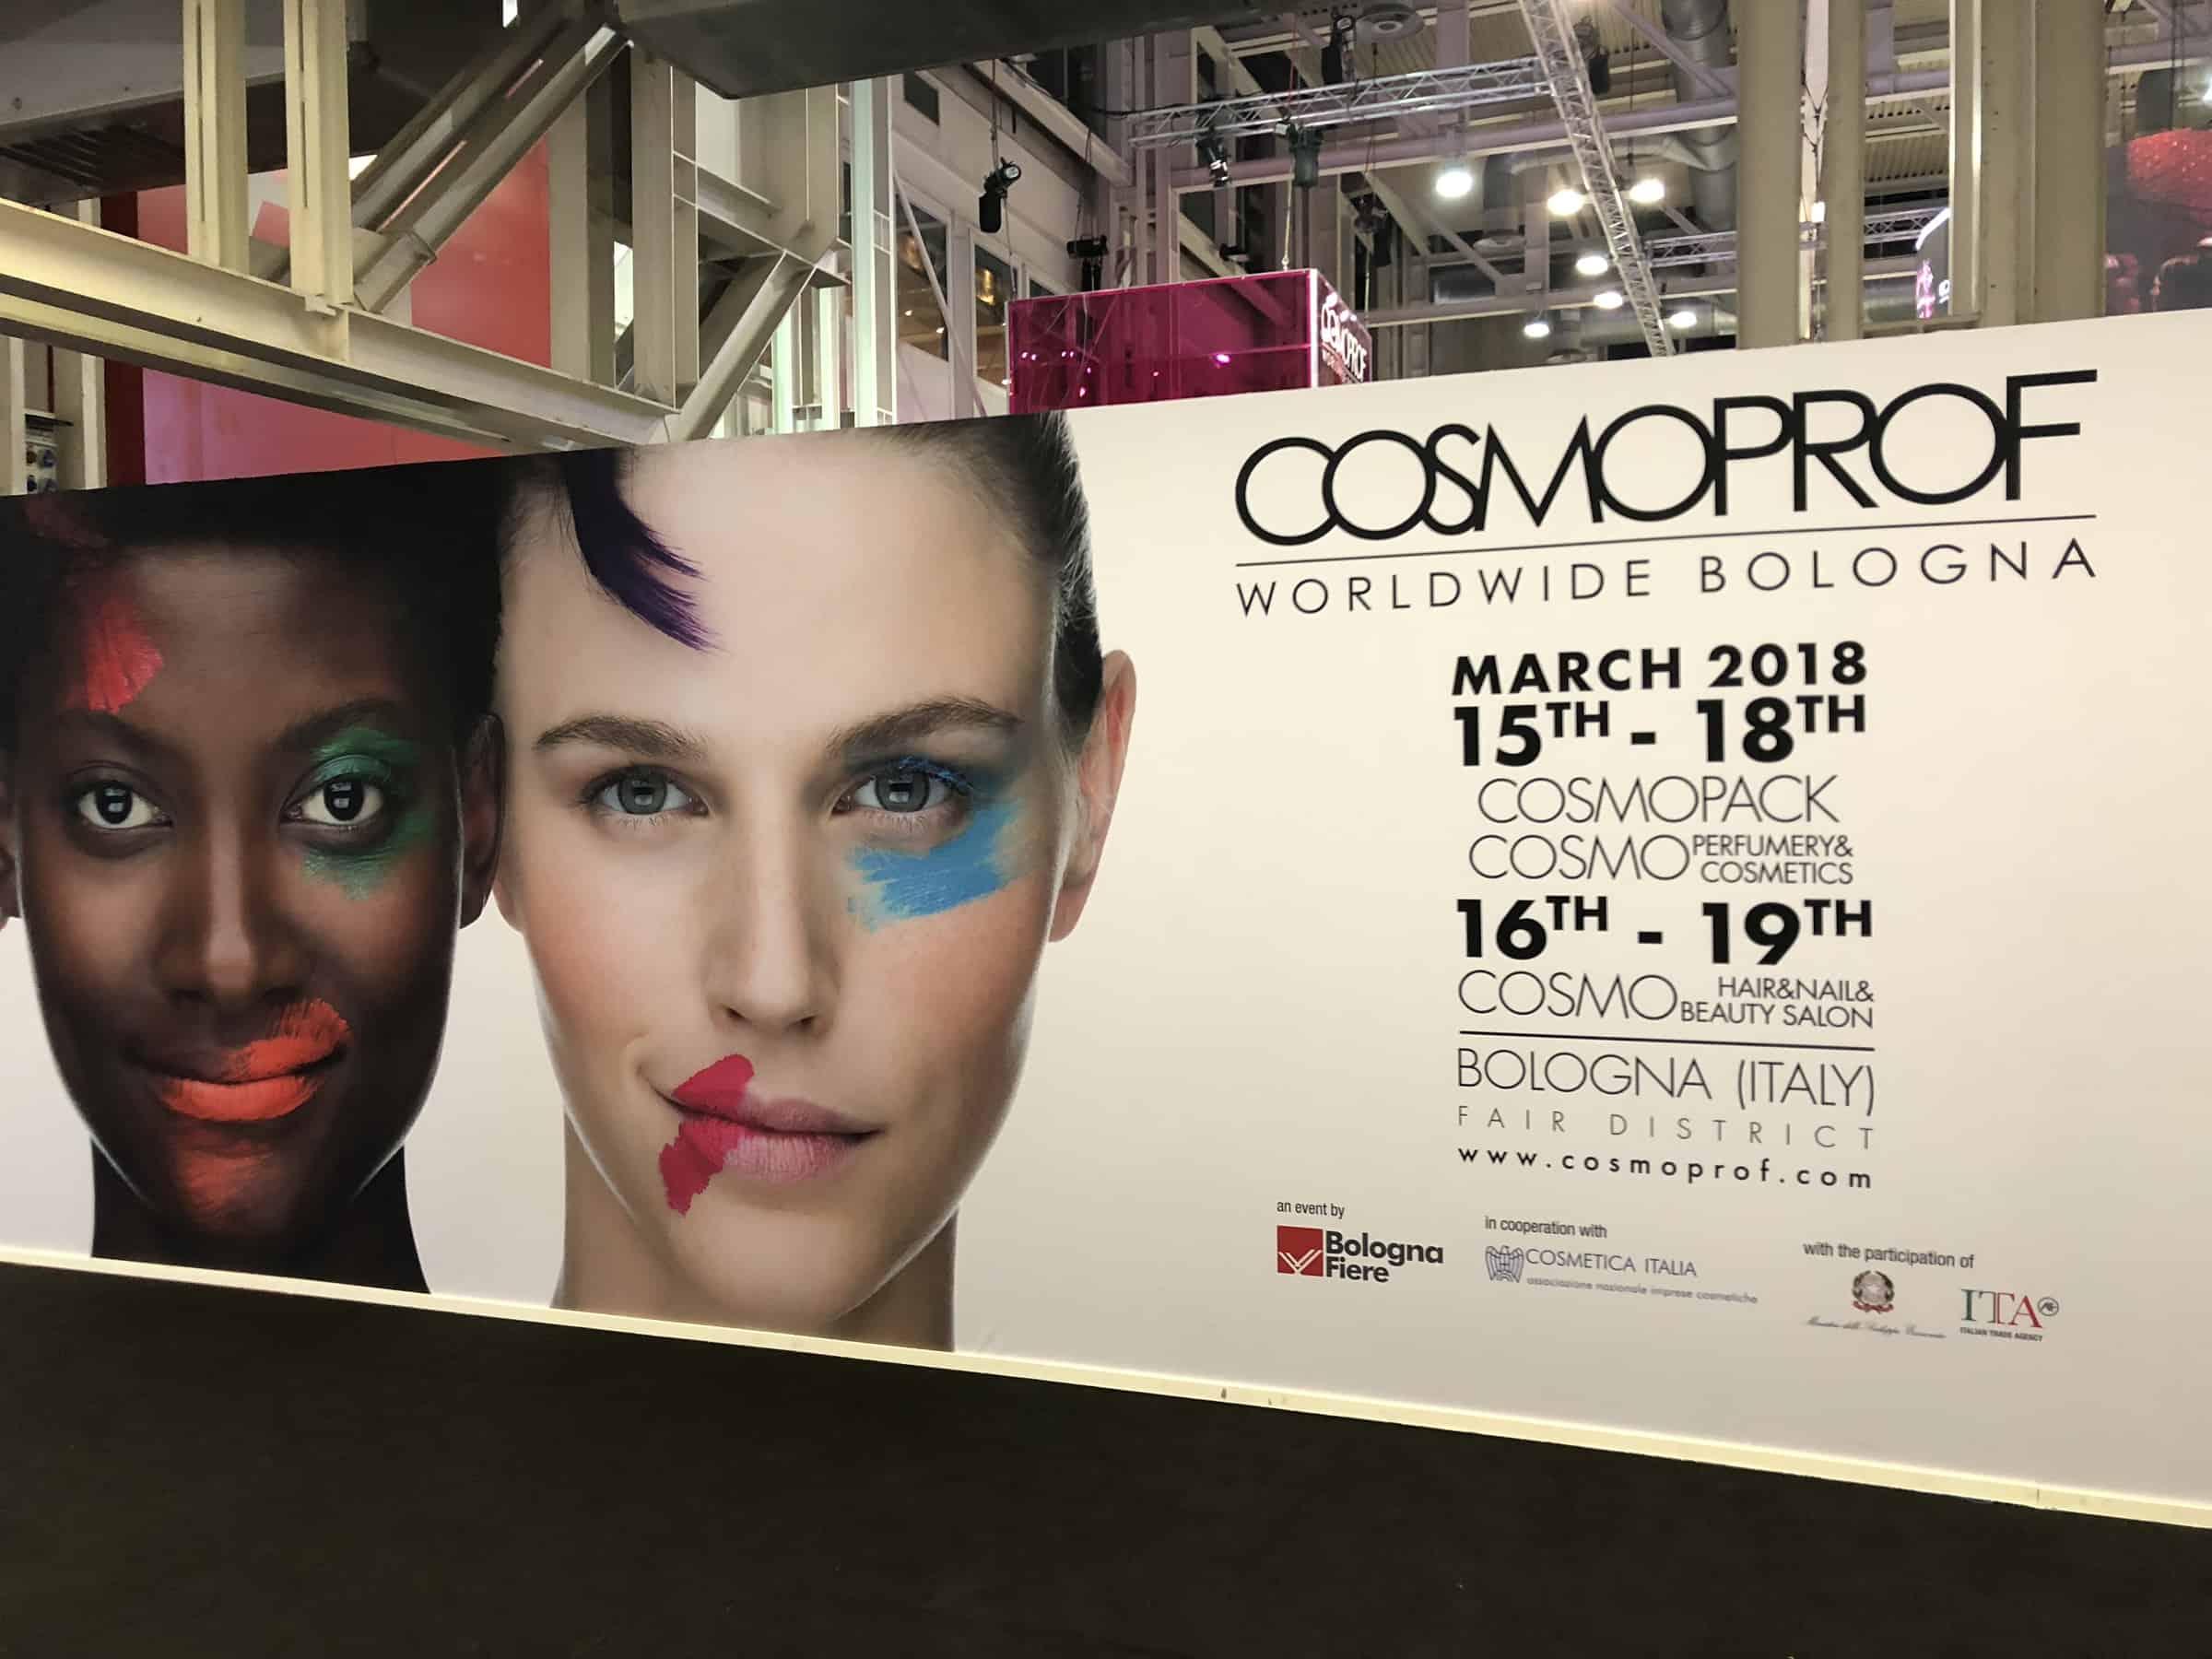 Cosmoprof 2018: salone internazionale della cosmetica e del mondo beauty.